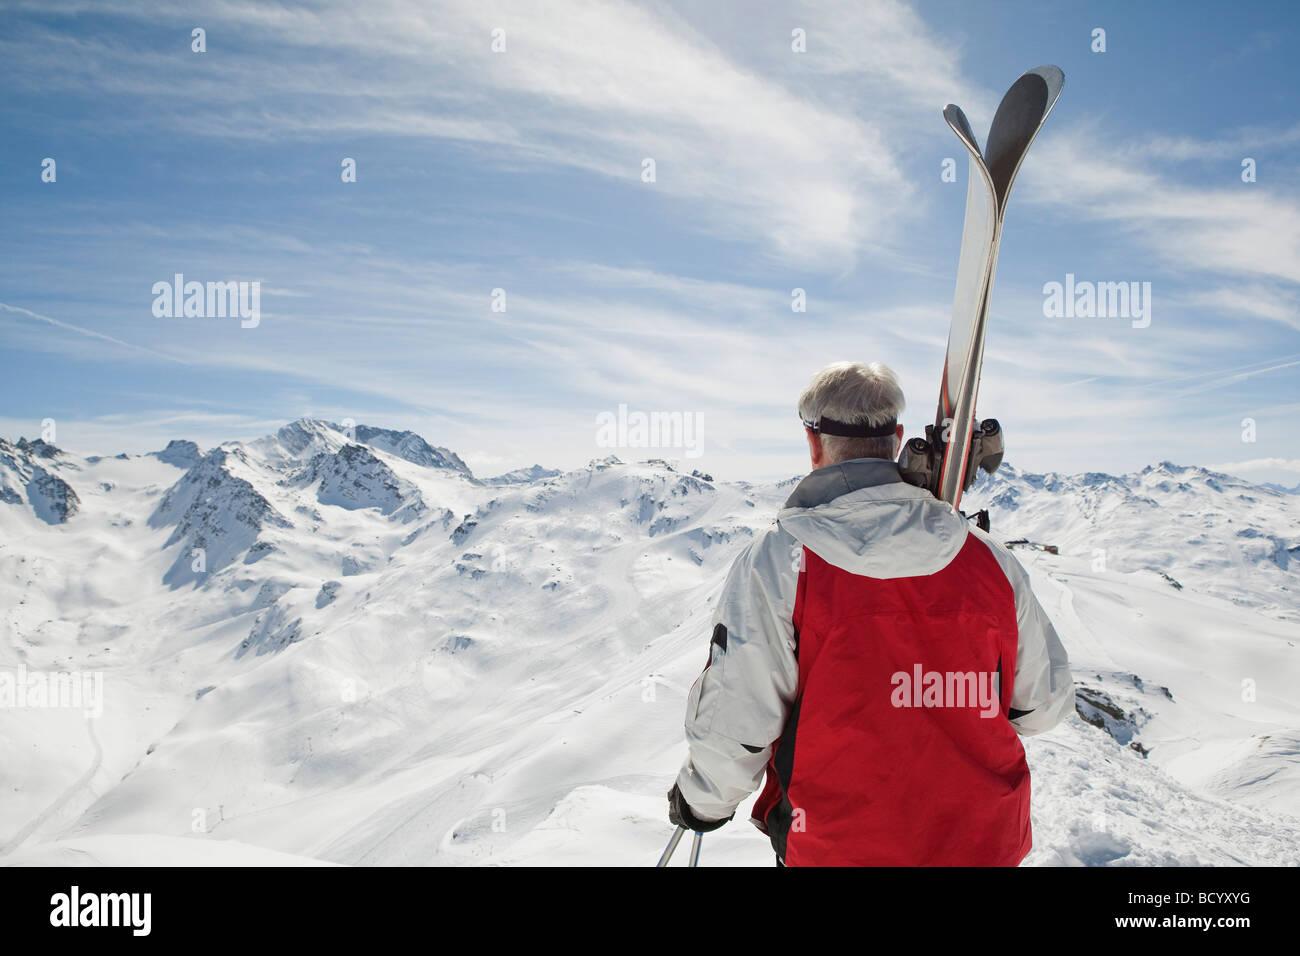 Vista posterior del hombre maduro, celebración del esquí Imagen De Stock